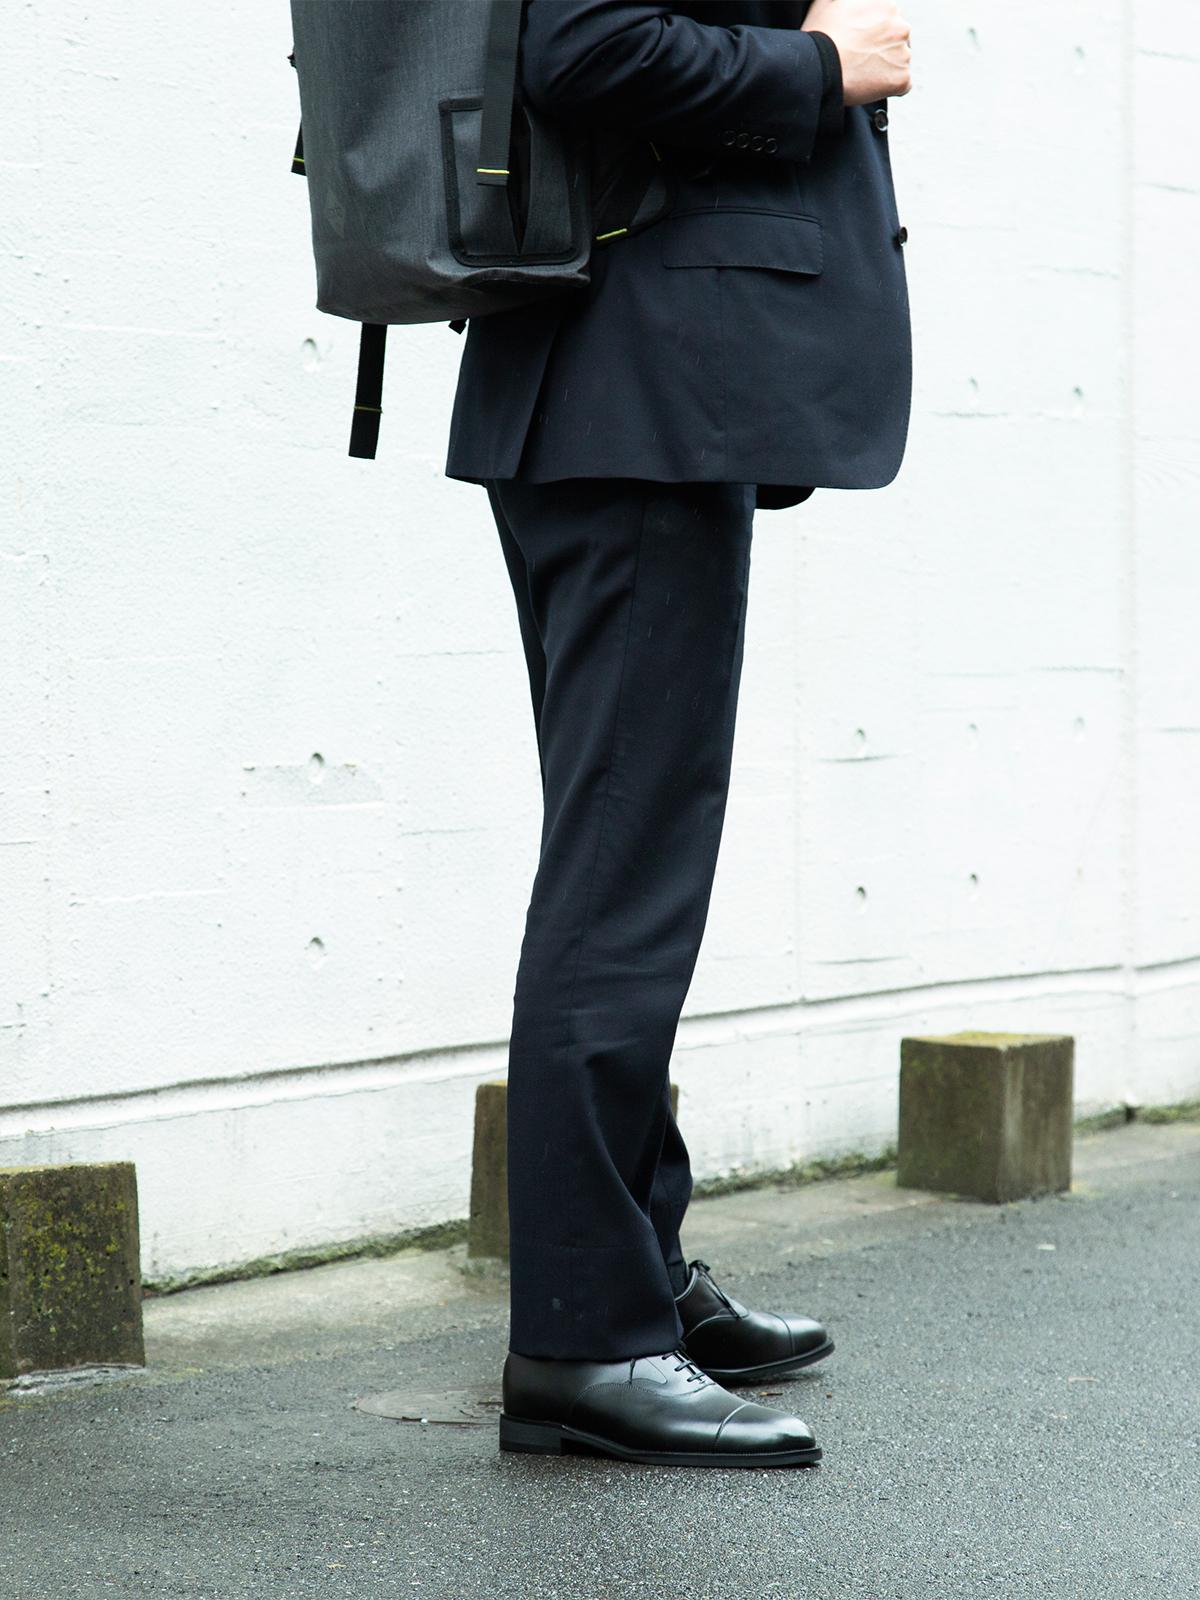 雨の中でも、手入れの行き届いた革靴を履いているかのような気品漂うシルエットの「レインシューズ」|三陽山長